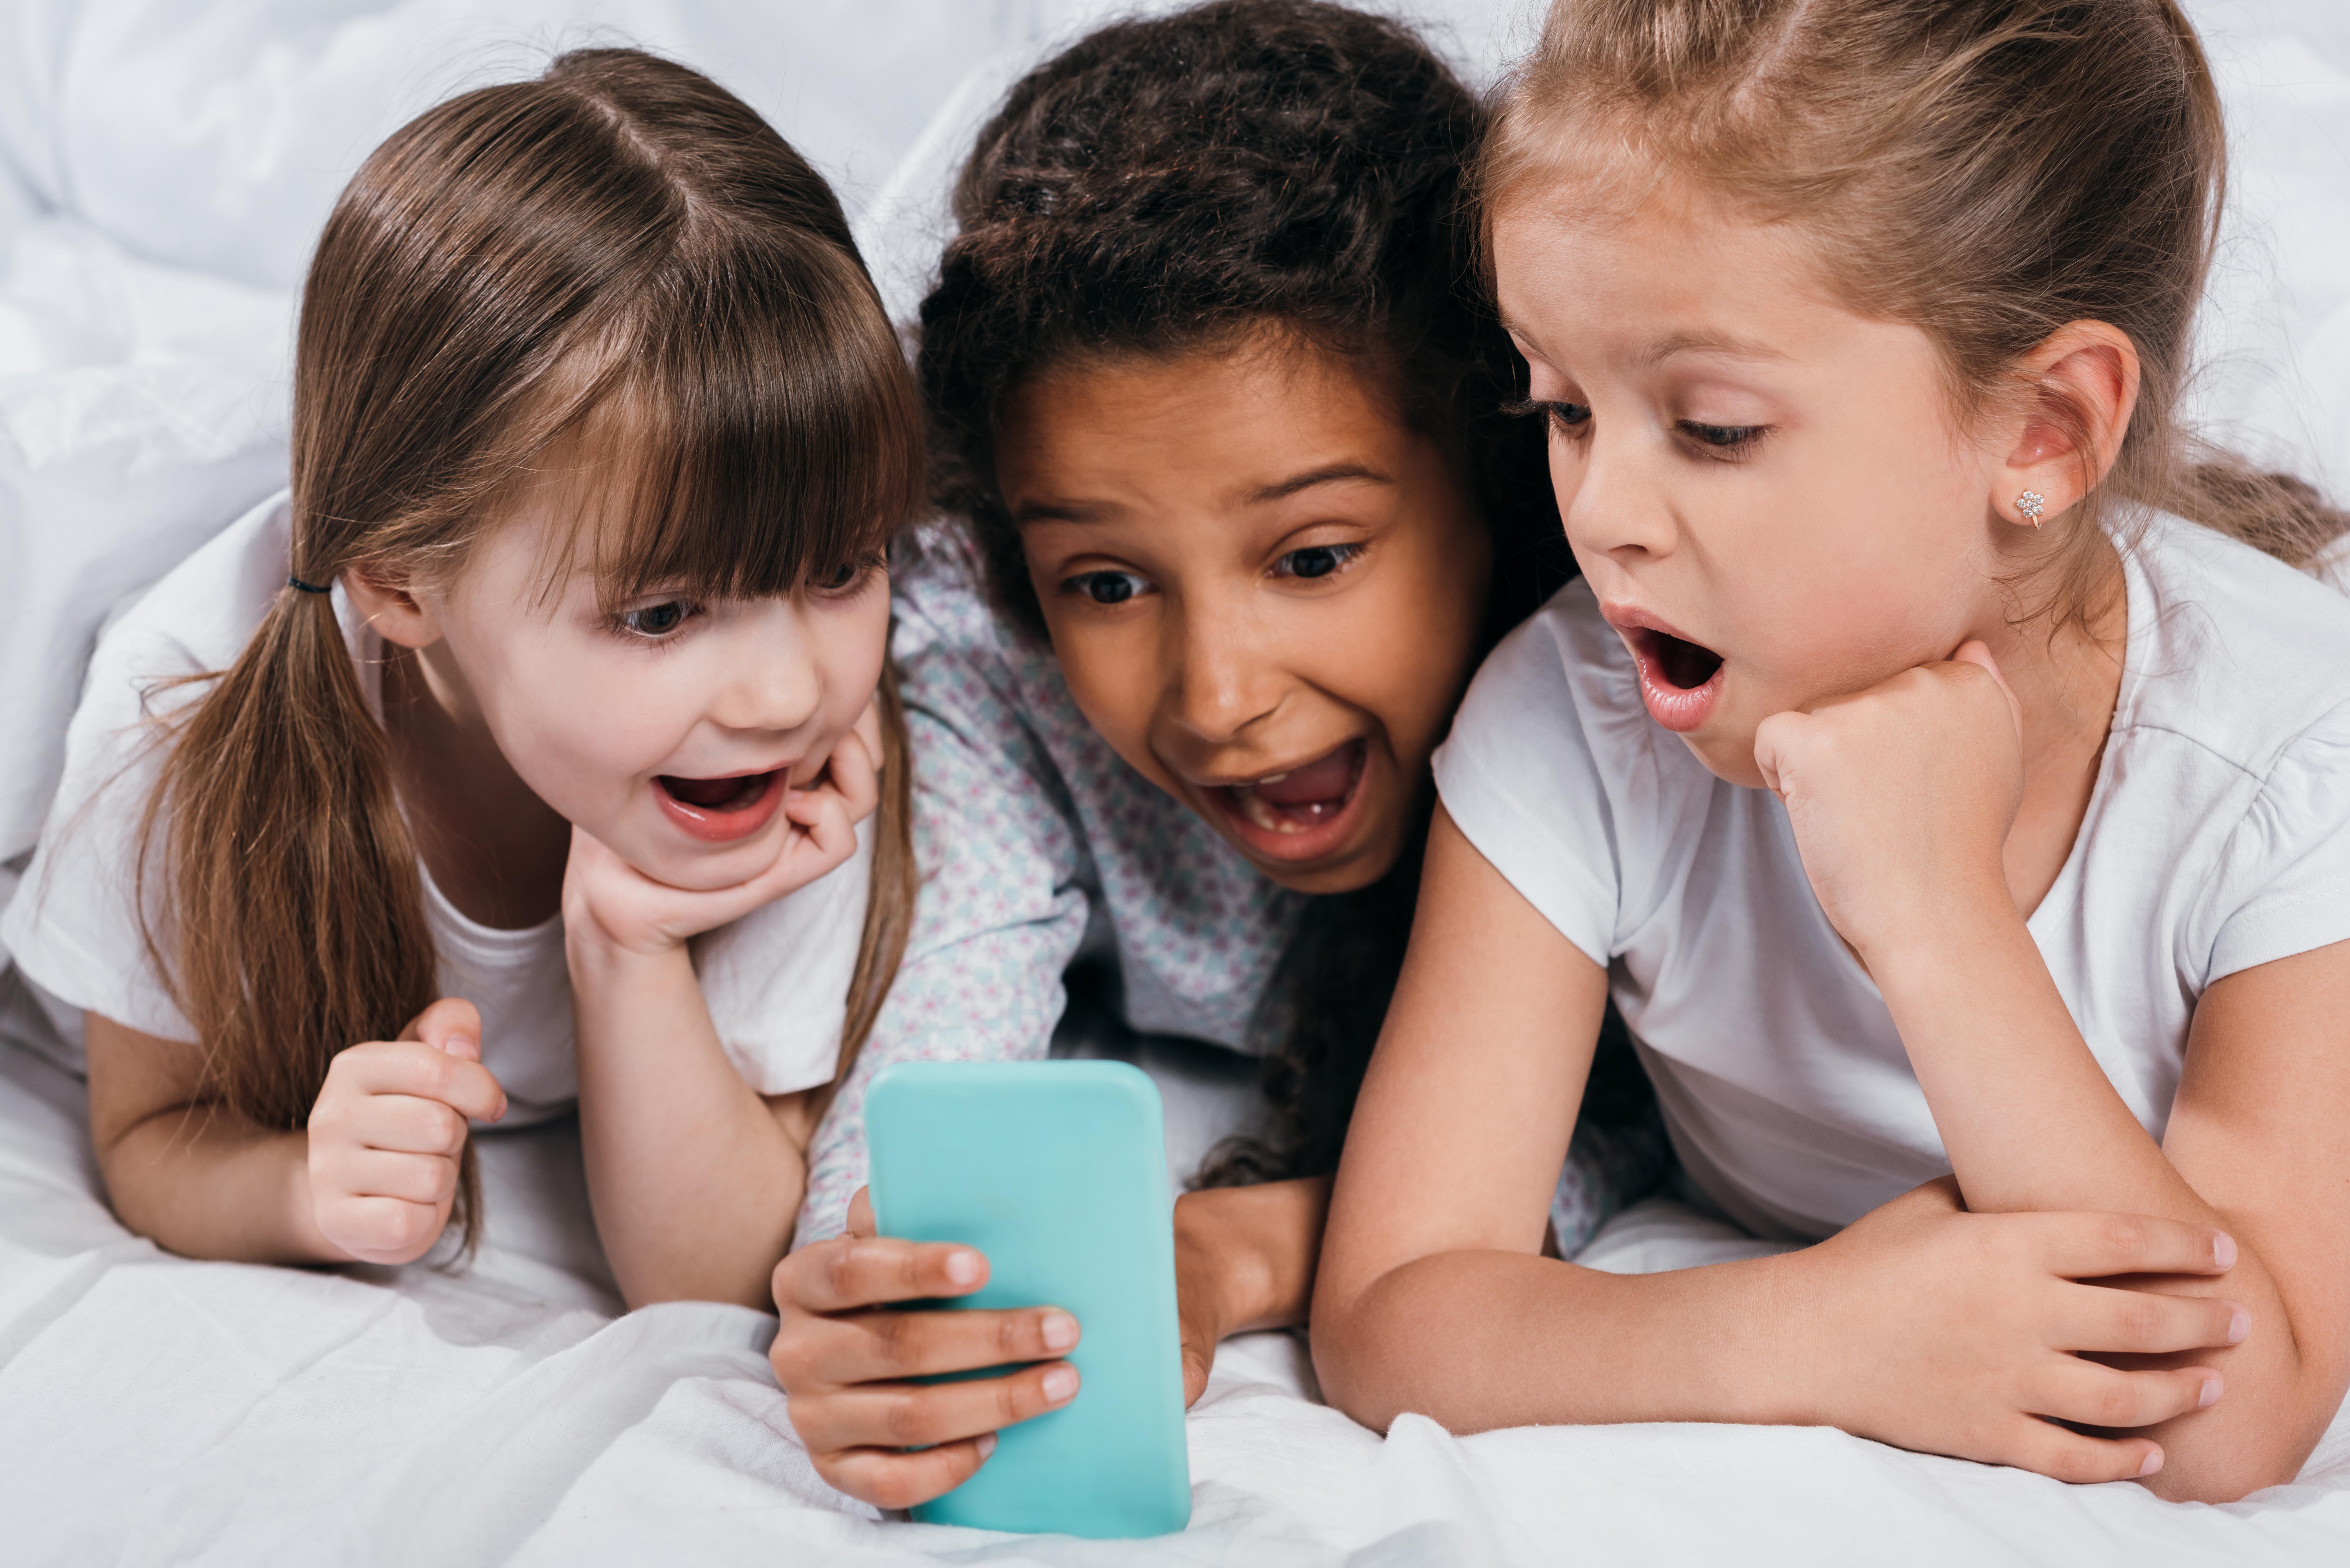 três meninas deitadas em uma cama, olhando para a tela de um celular, com expressão de surpresas